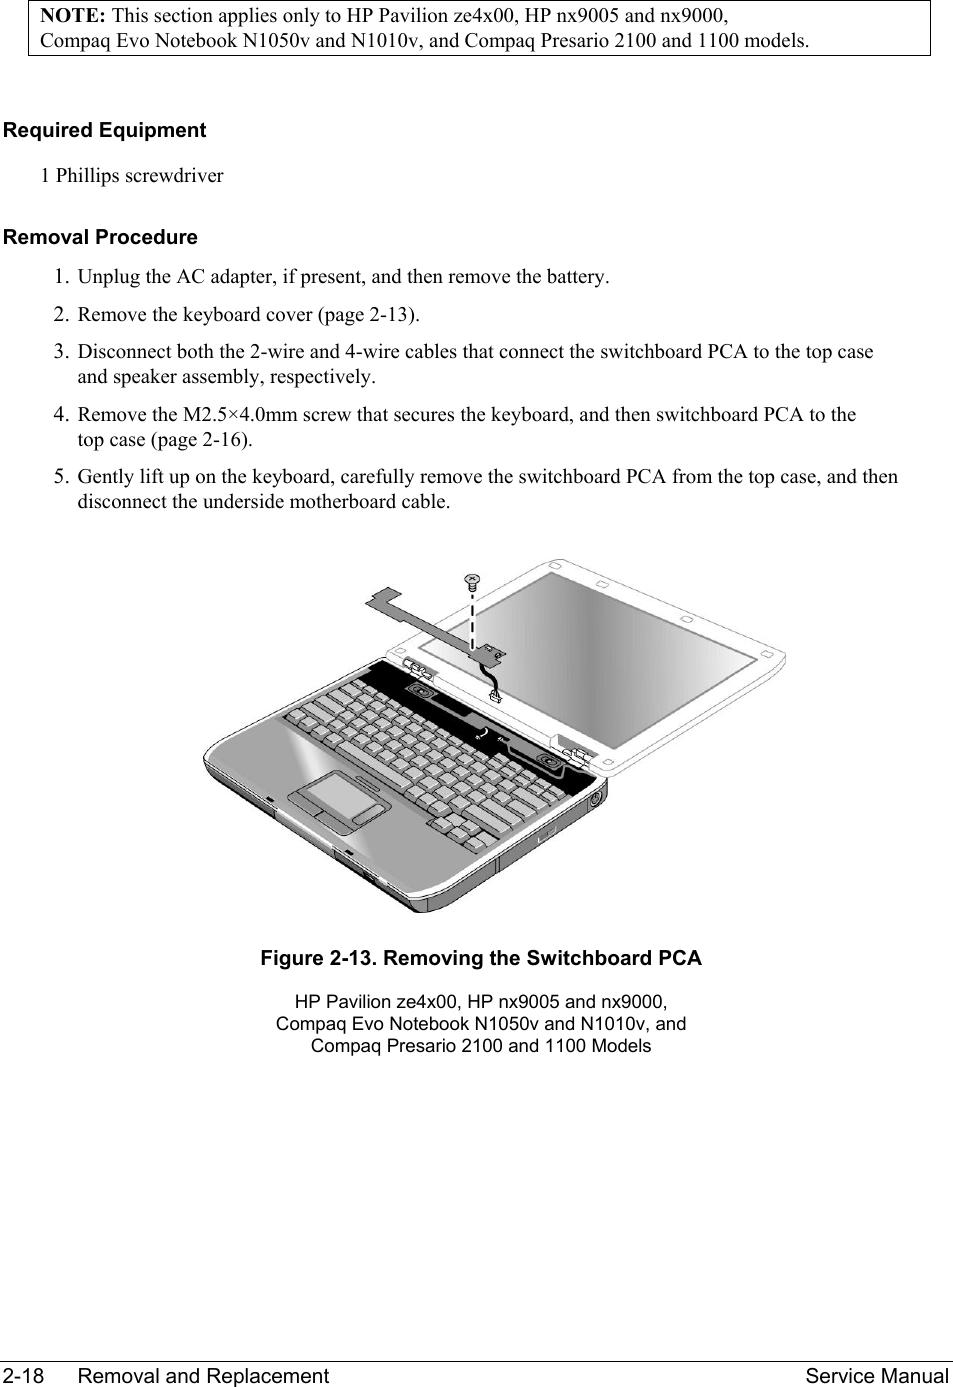 DOWNLOAD DRIVER: HP PAVILION ZE4400 PCI MODEM